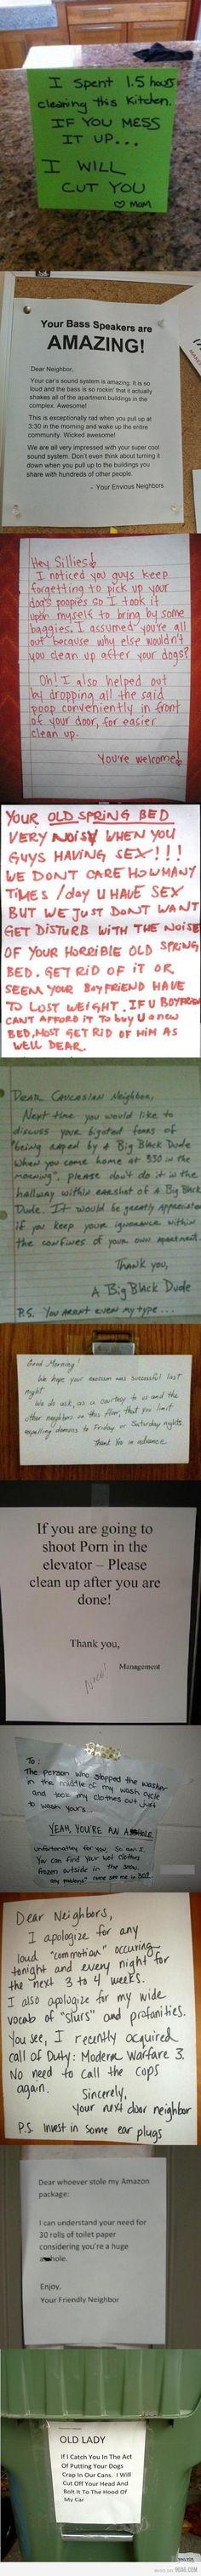 Passive Aggressive notes!